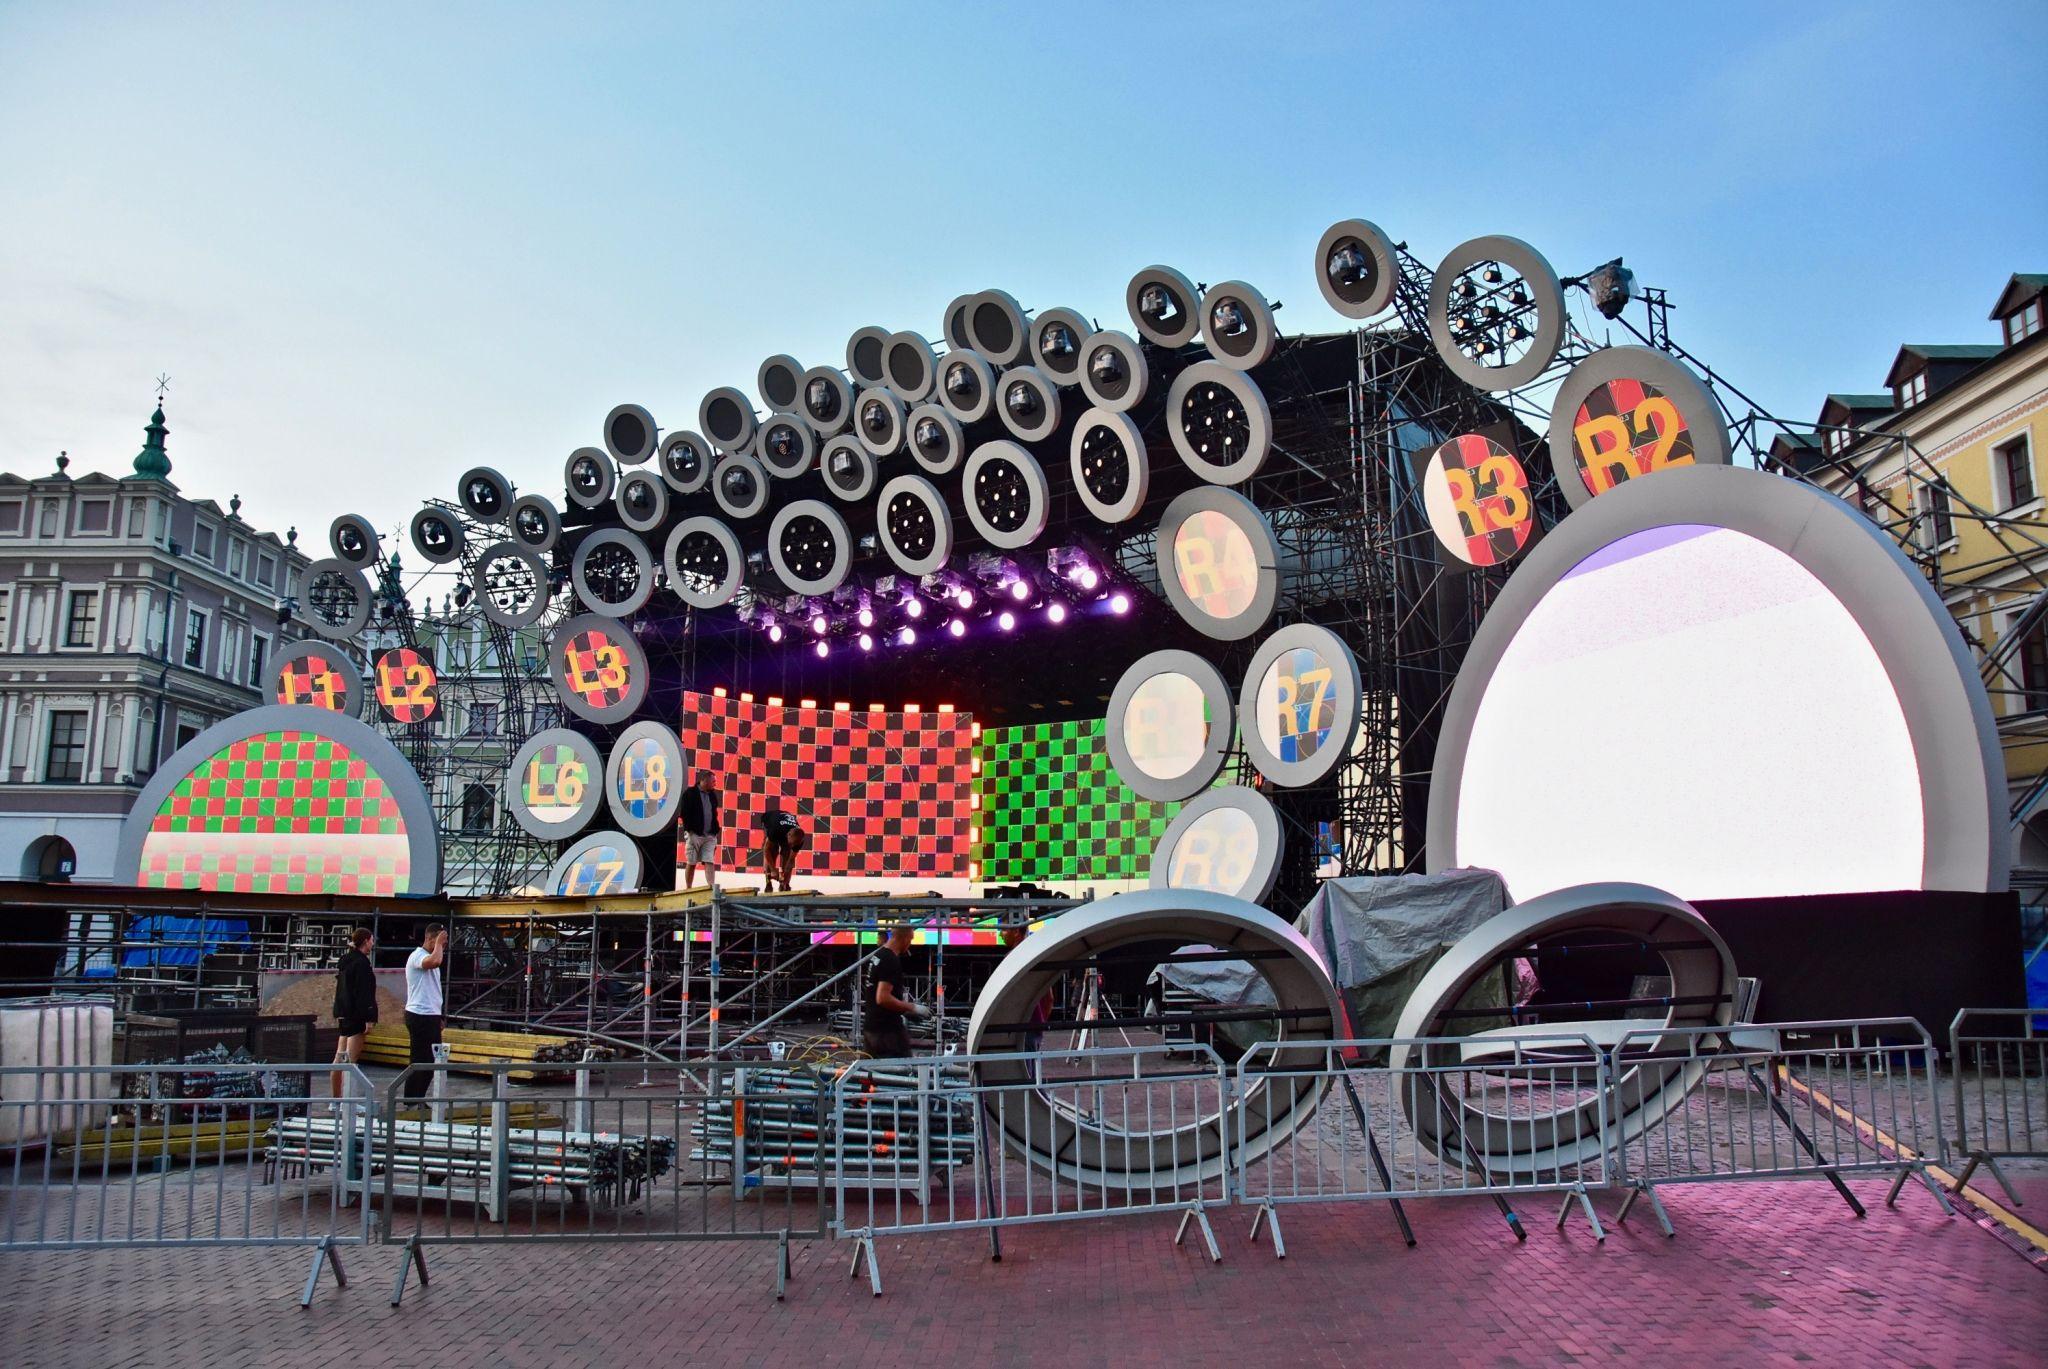 dsc 2982 Kolorowo na Rynku Wielkim - trwają próby oświetleniowe (zdjęcia)